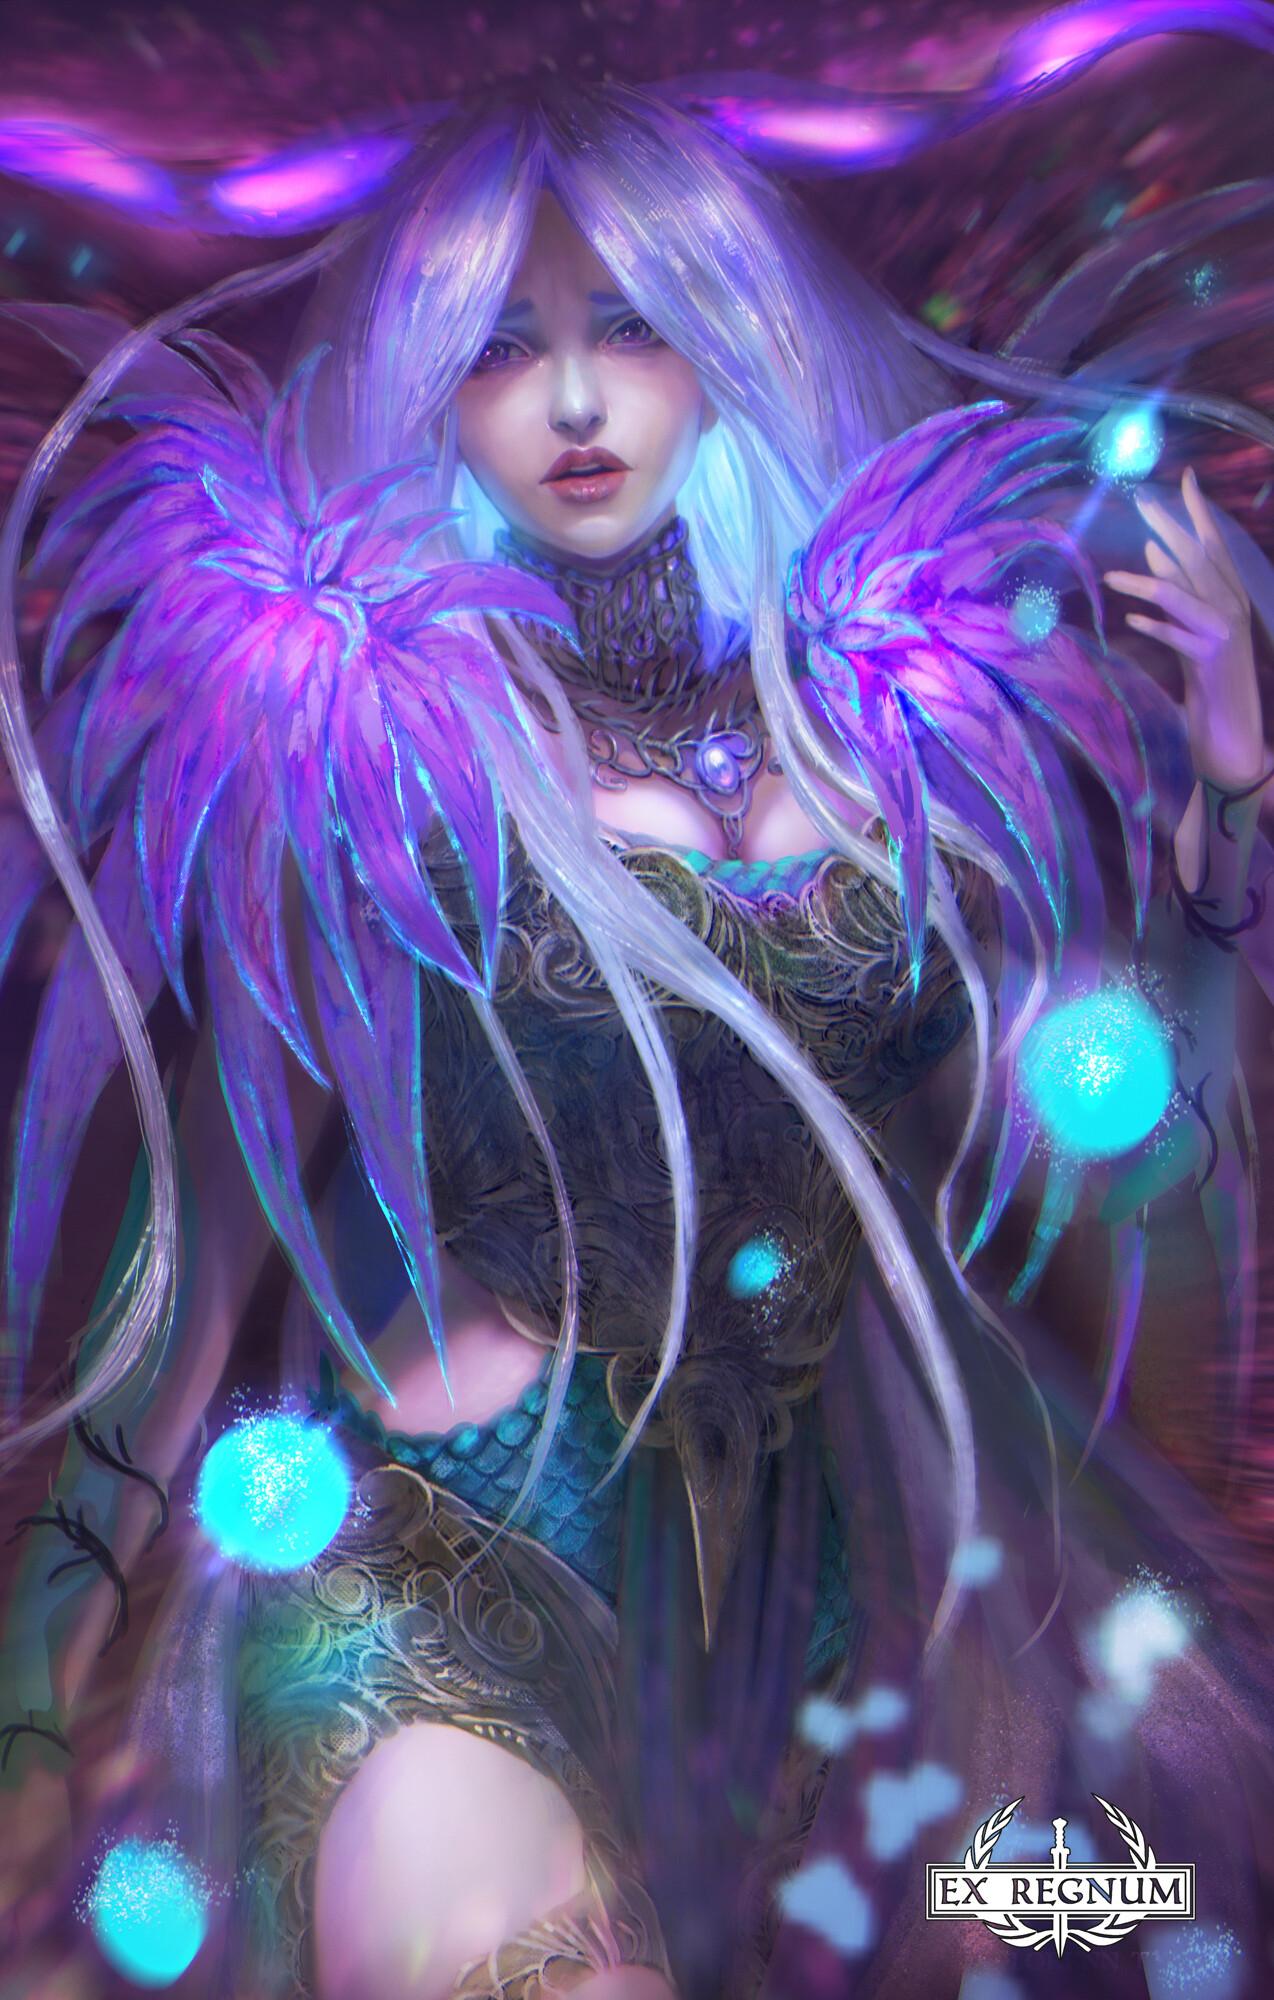 Lorenn tyr fantasy dream by lorenn tyr